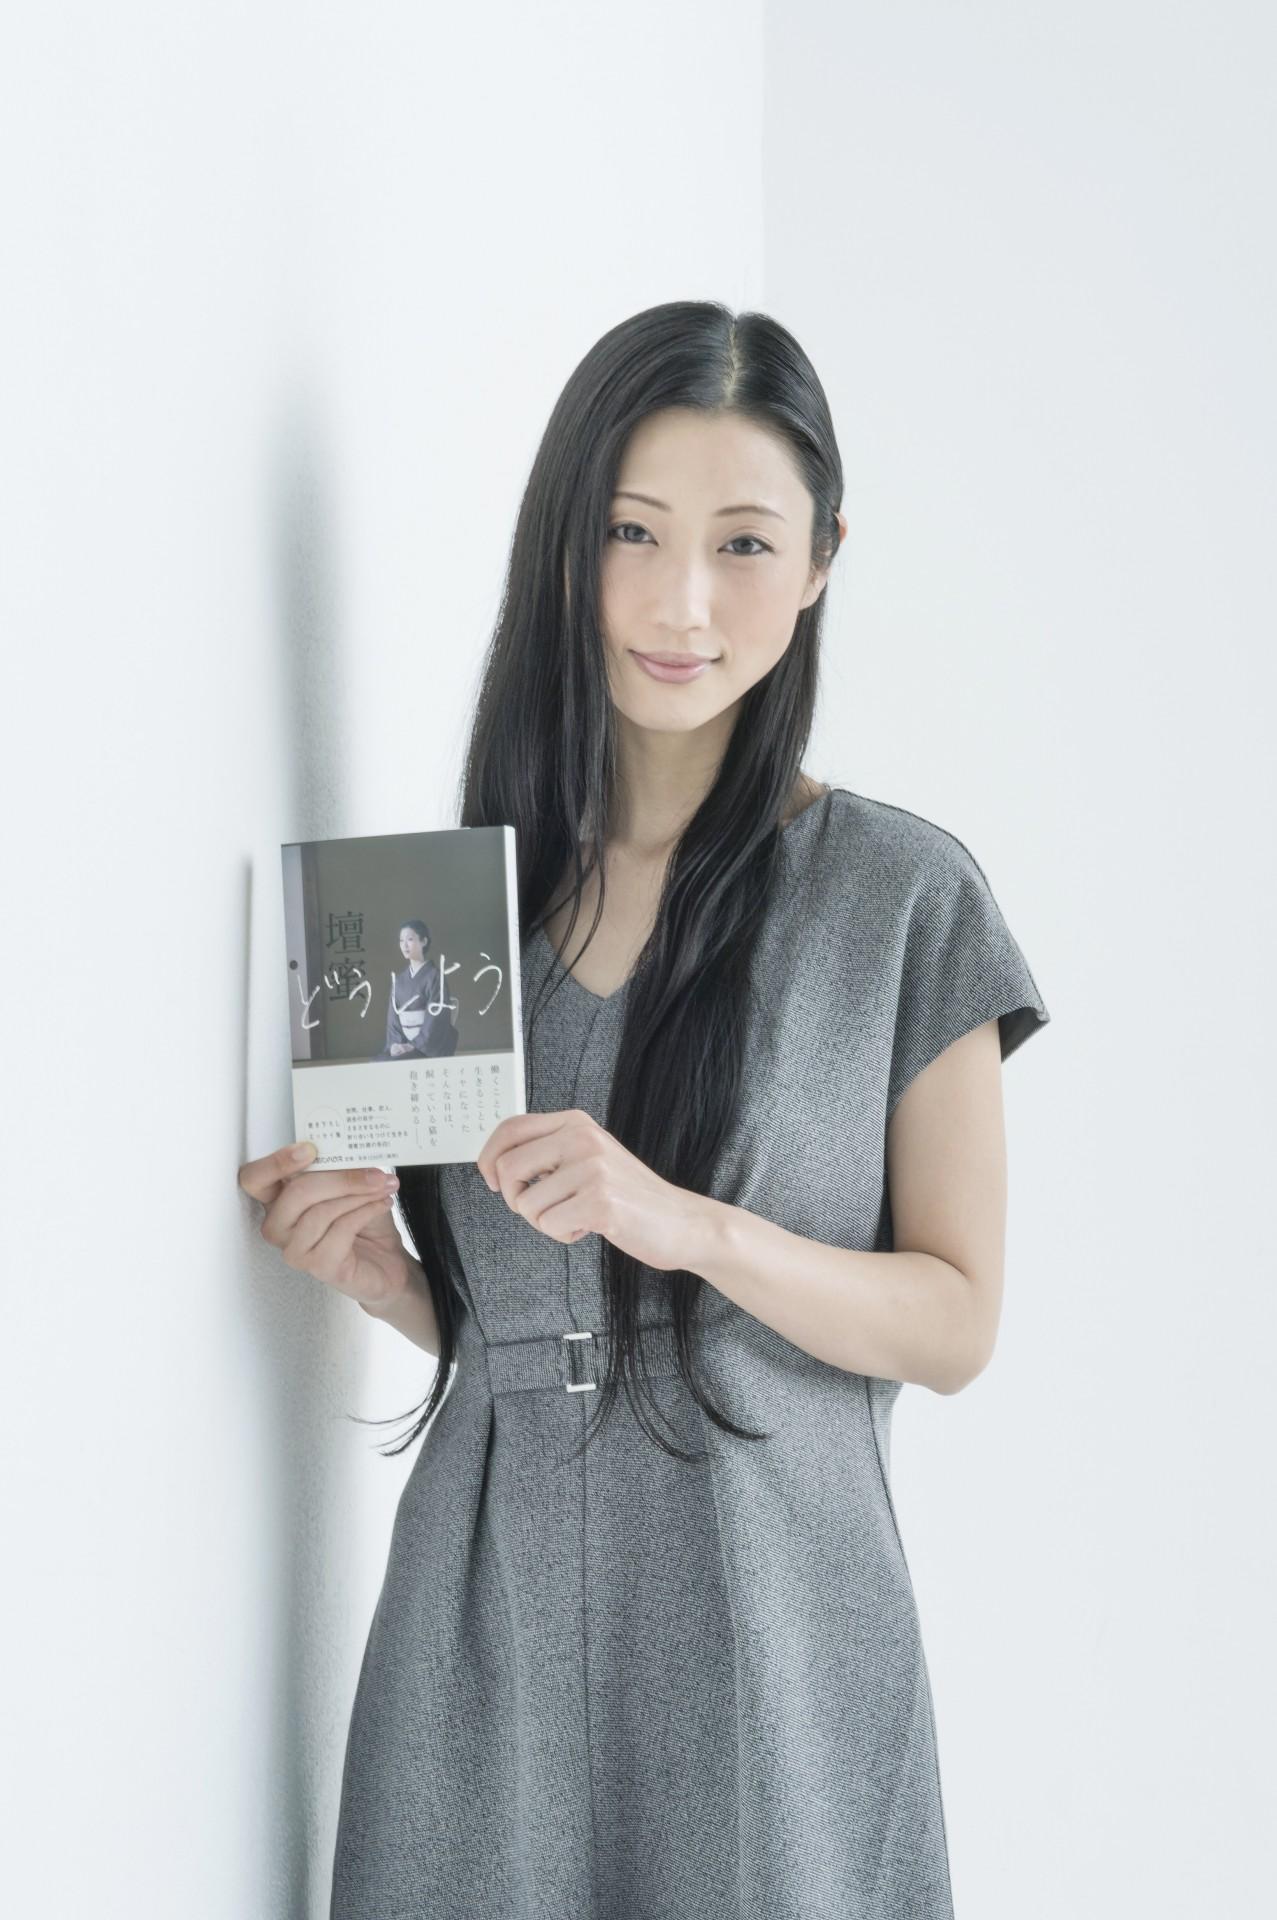 壇蜜さんインタビュー「私、面影フェチなんです」~マガジン ...